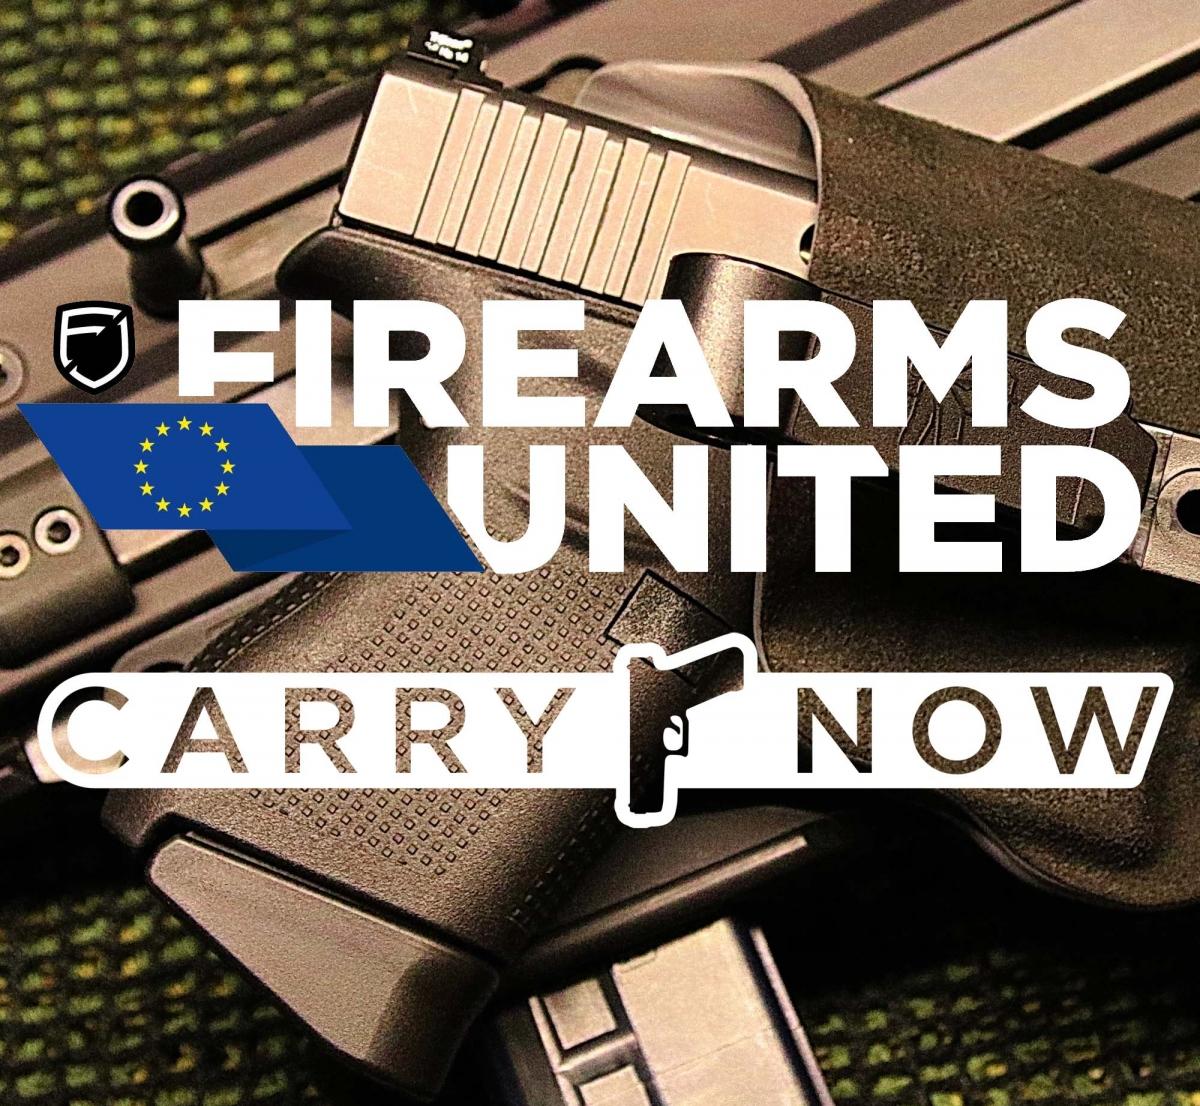 Controllo delle armi: scopi dichiarati e scopi reali a confronto